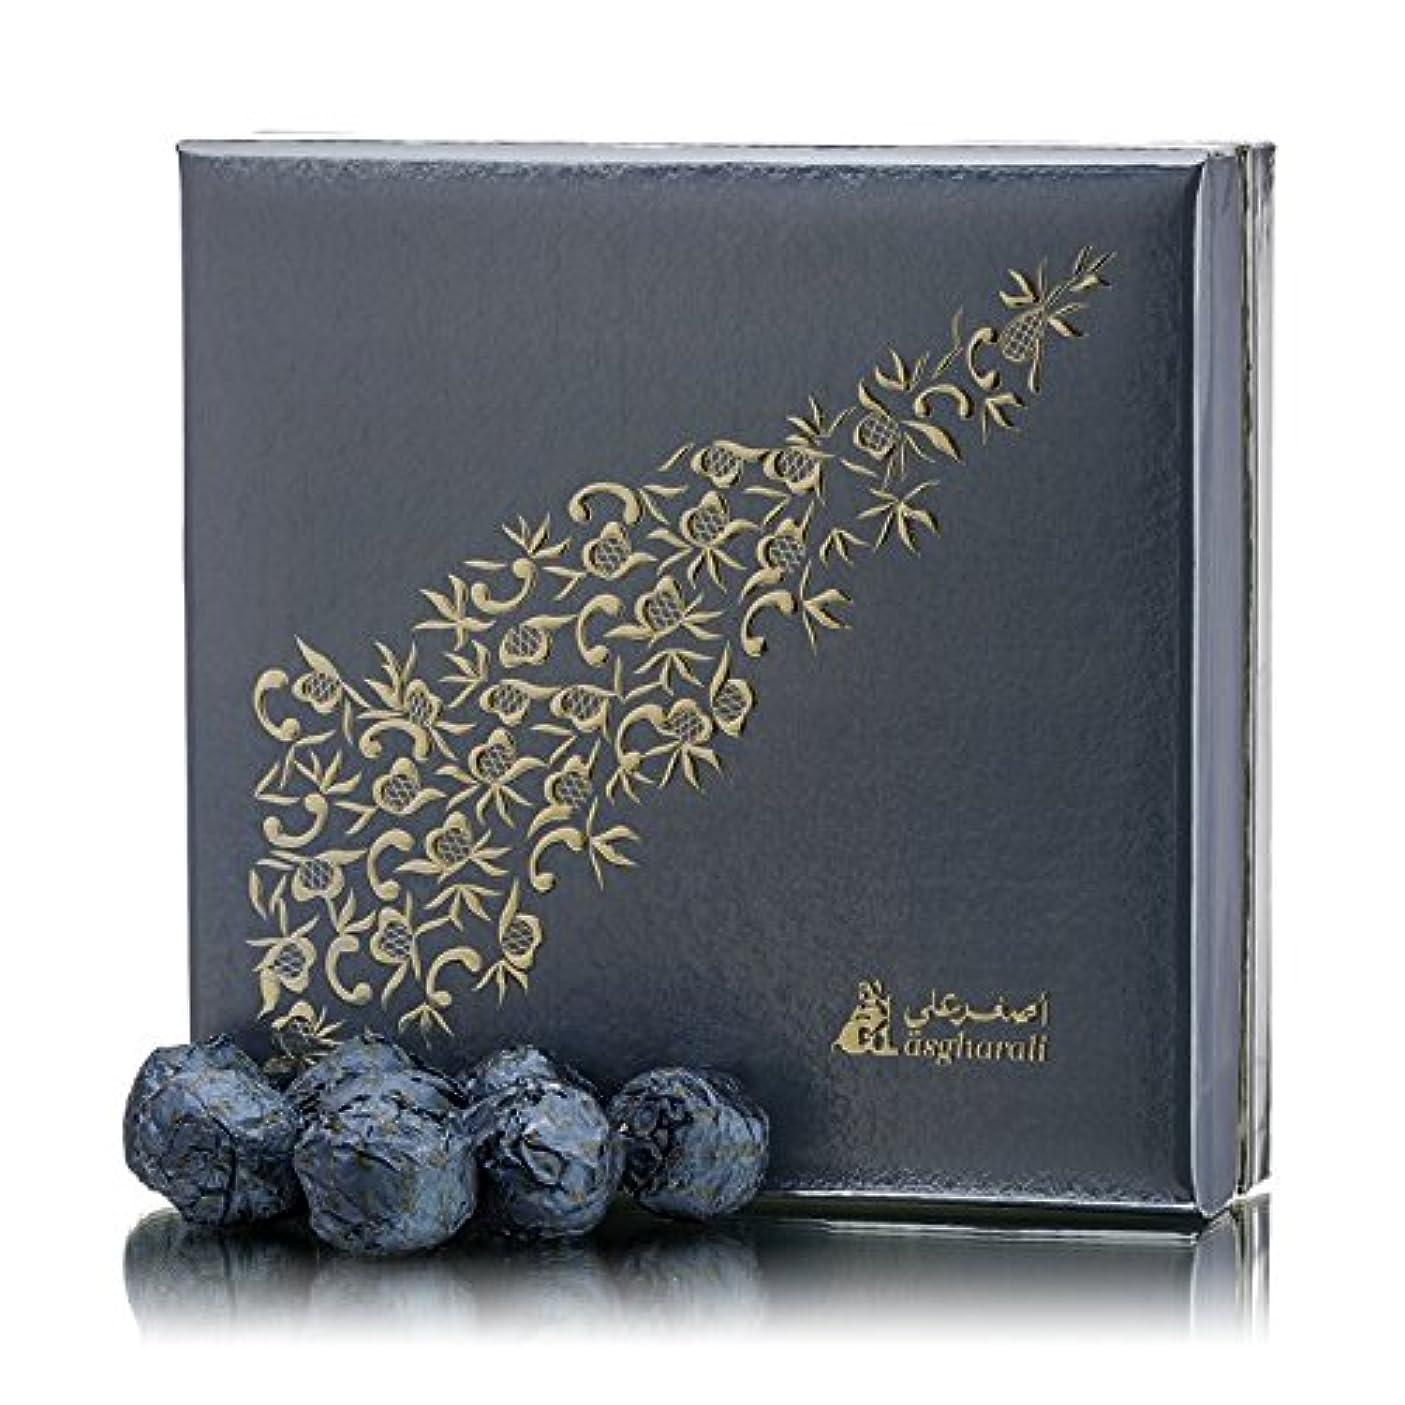 外国人彫るソファーAsgharali debaaj mustabaraq 300ミリグラム – Shay Oud、花柄、Woody、Oriental Incense Limited Edition Bakhoor